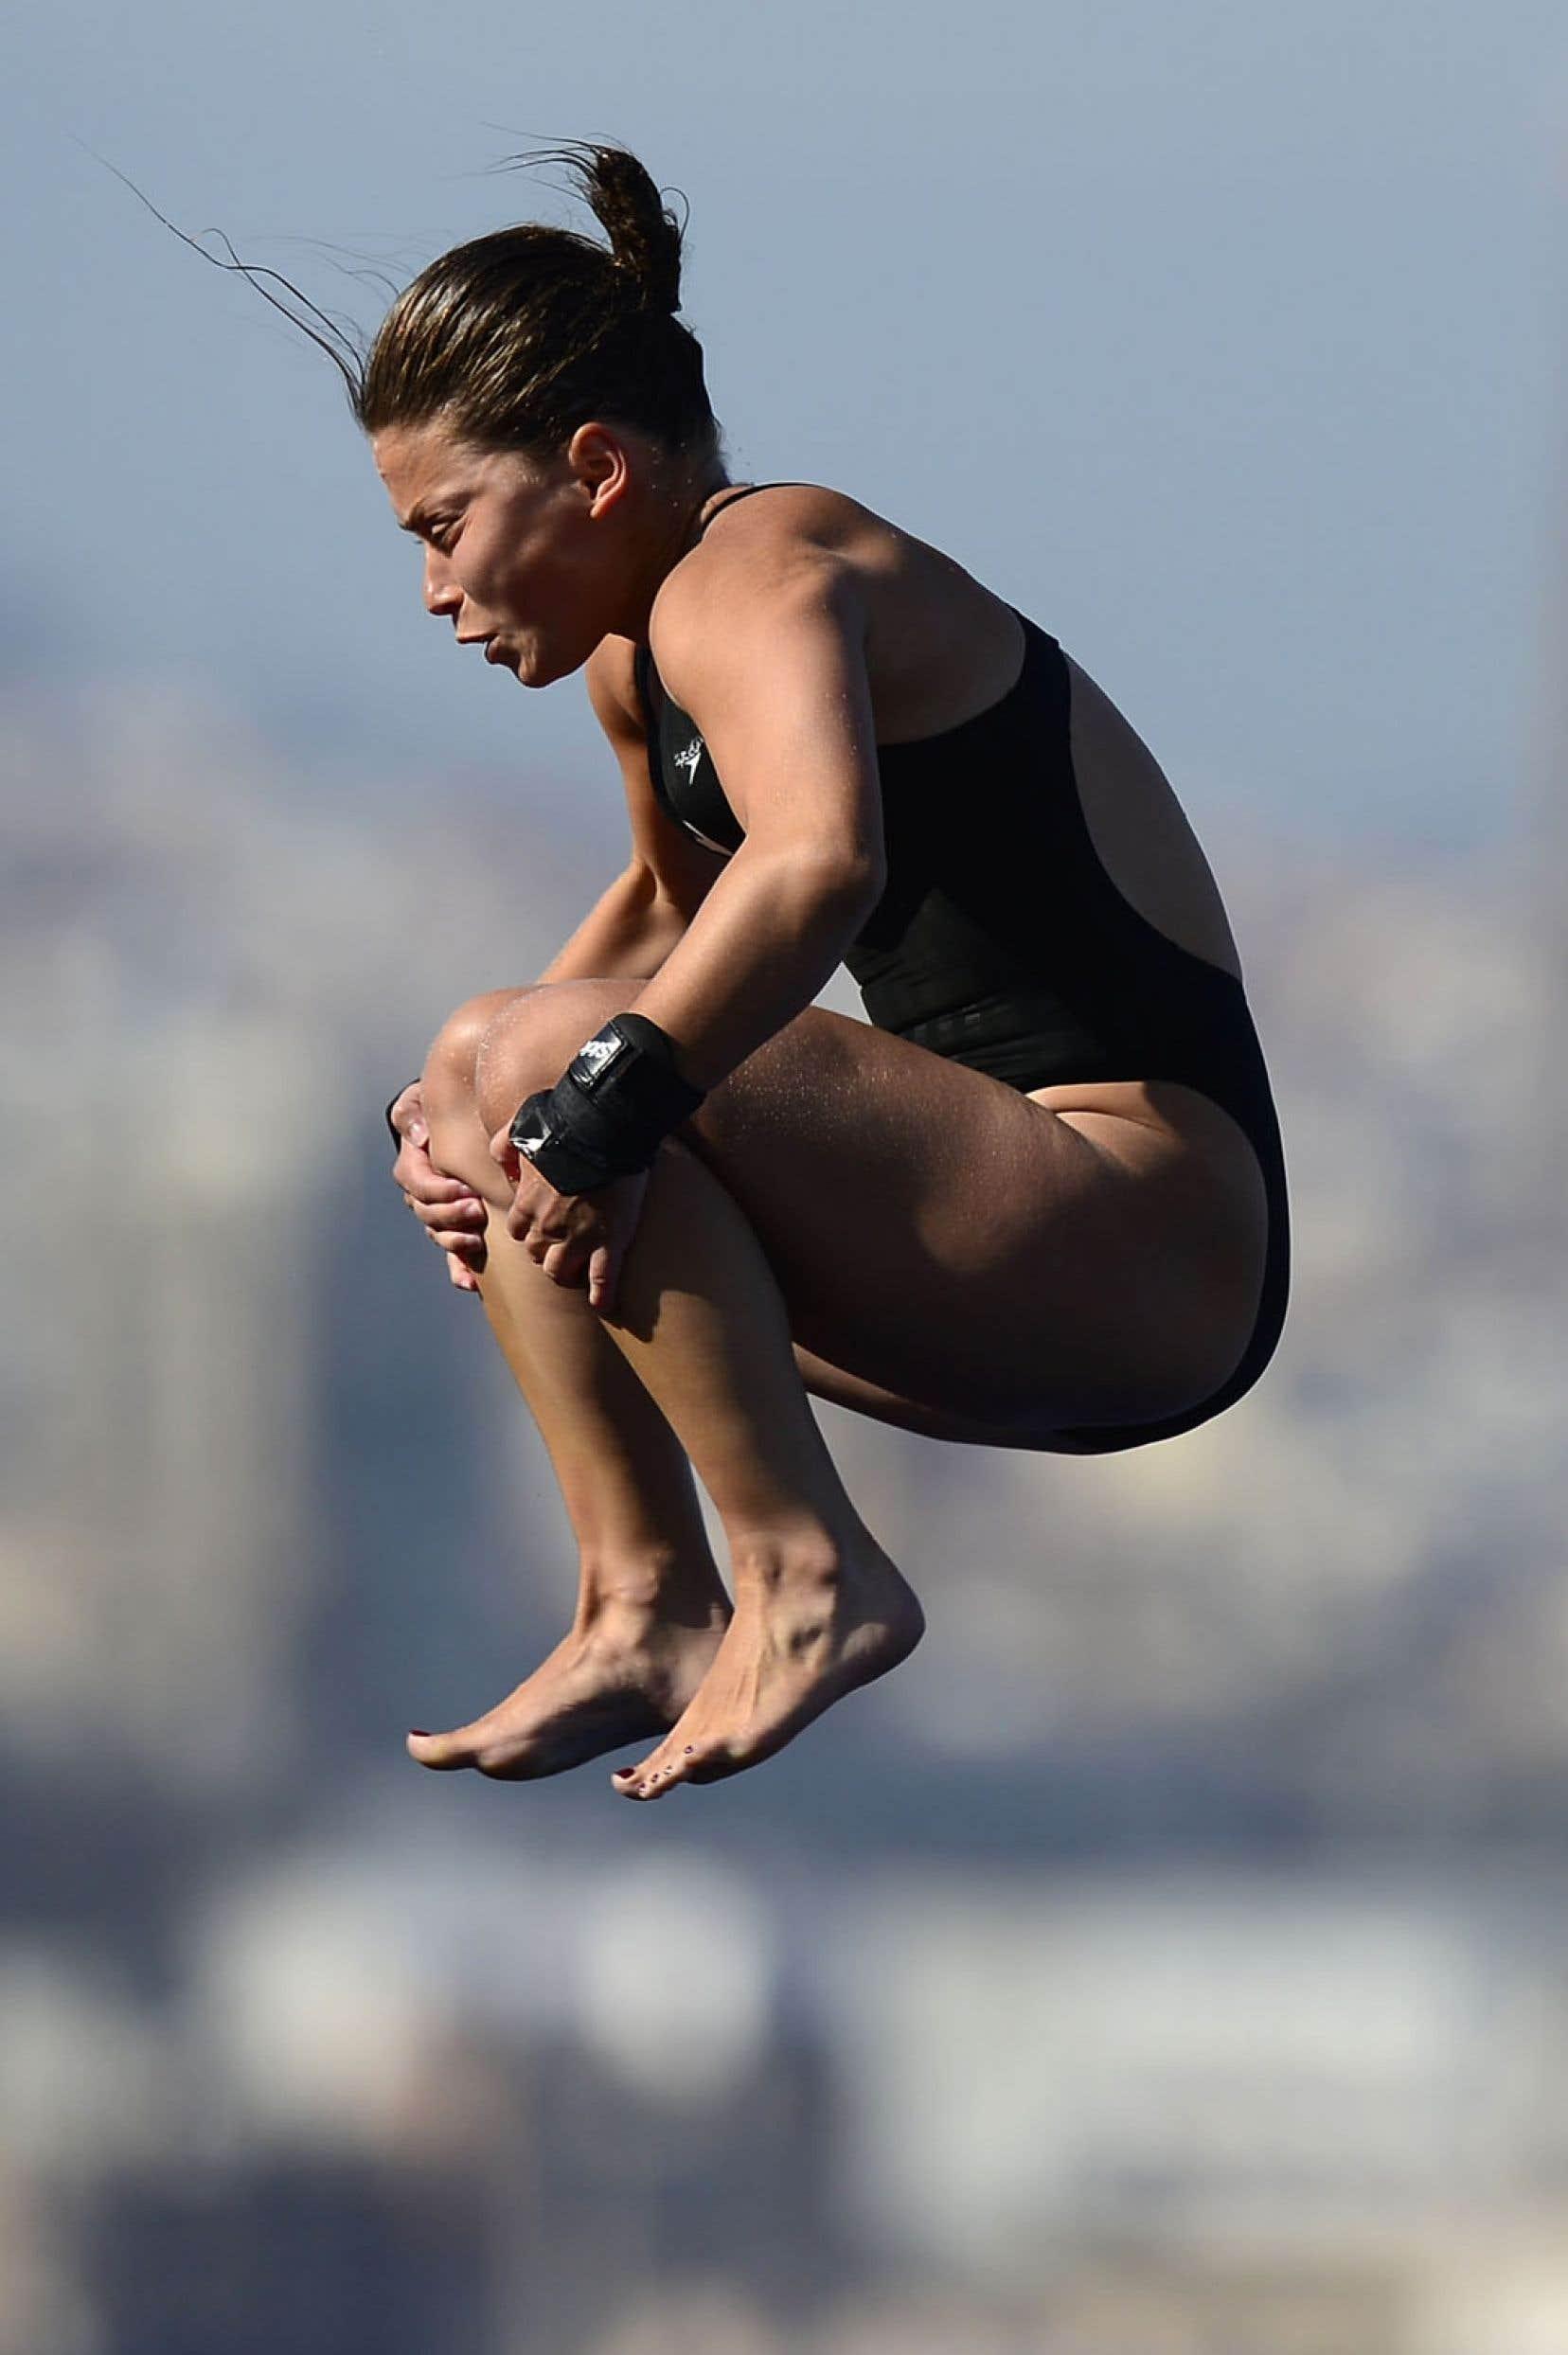 Avec une 8e place en finale à la plateforme de 10 m des Championnats du monde de Barcelone, Roseline Filion s'est assuré une participation à la prochaine Série mondiale de plongeon.